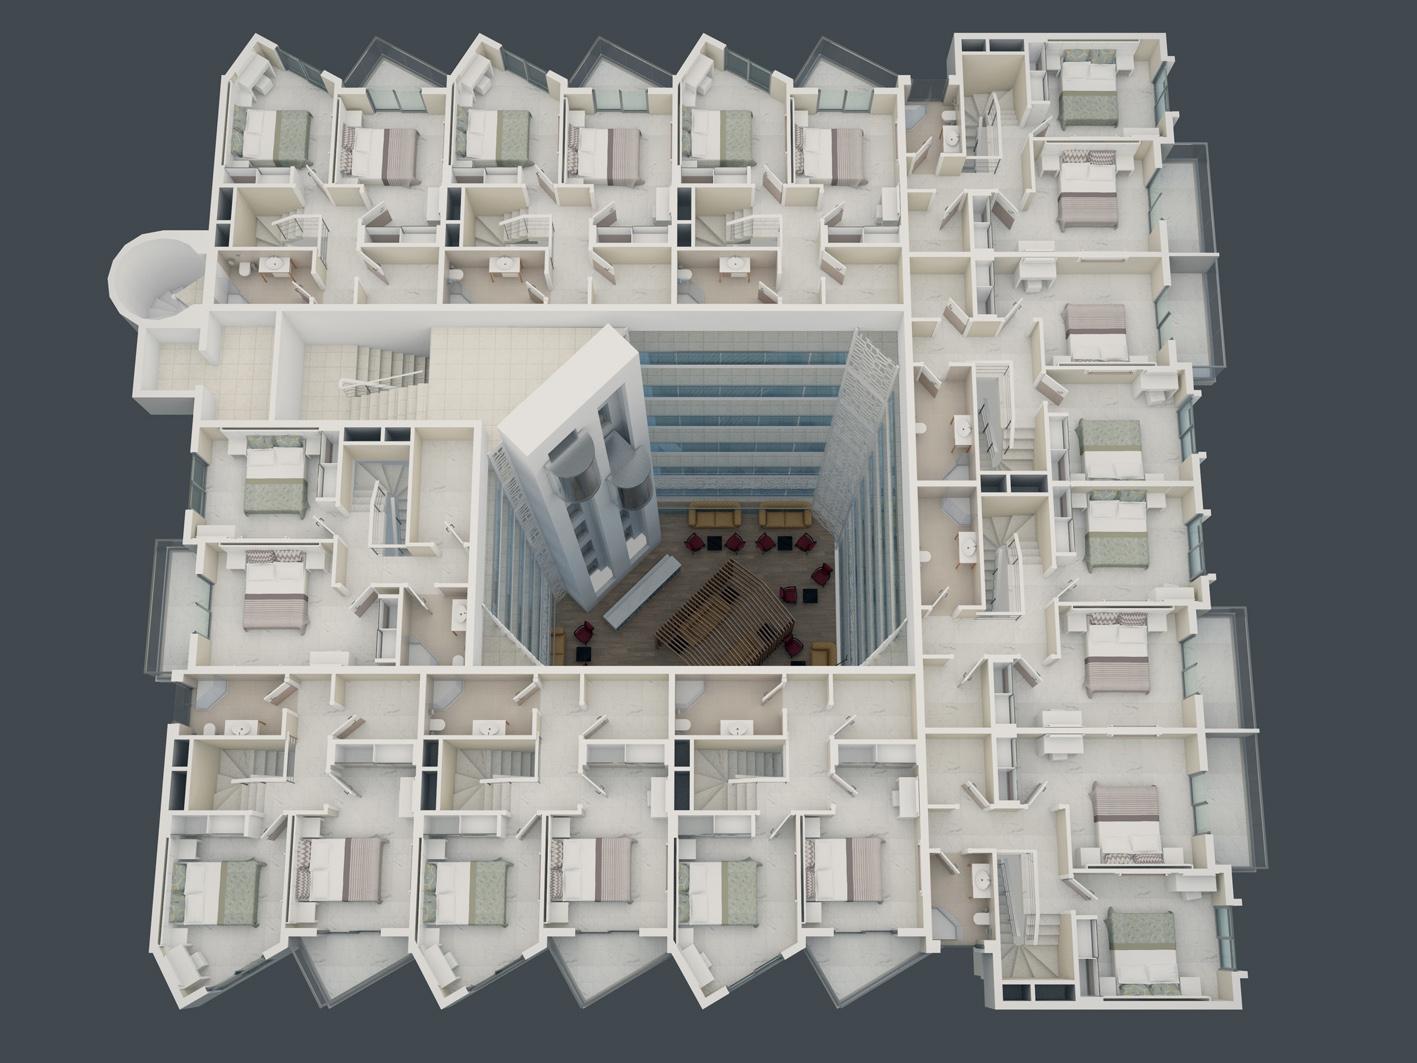 a-blok-verh-etazh